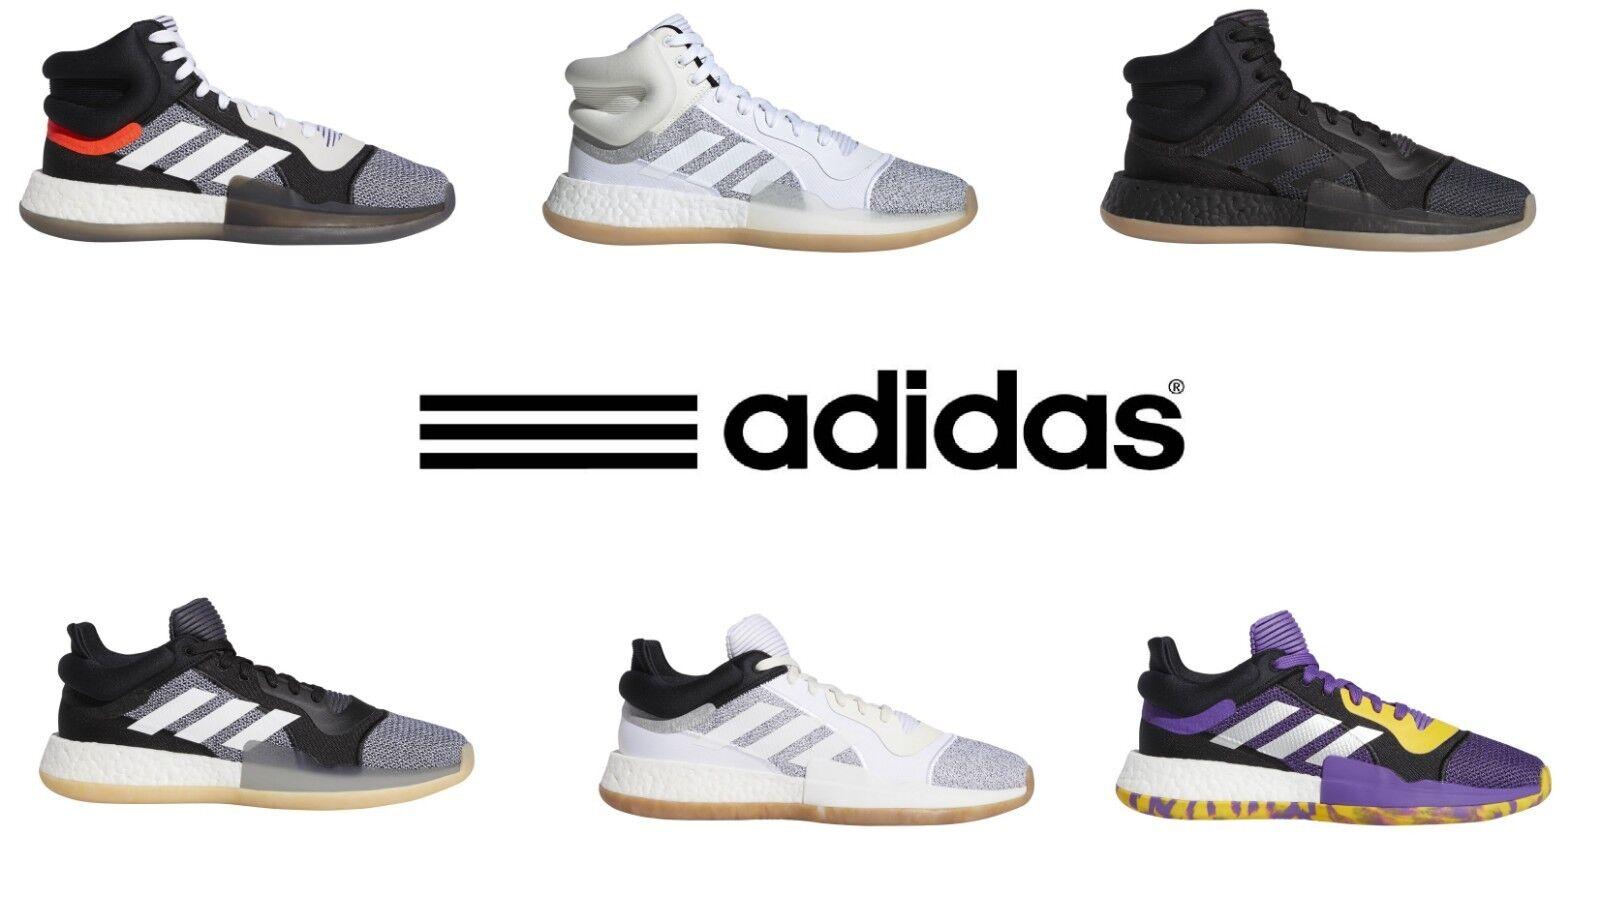 Adidas Zapatos de baloncesto para hombre Marquee Boost Mediados o bajo Top todos los tamaños Colors